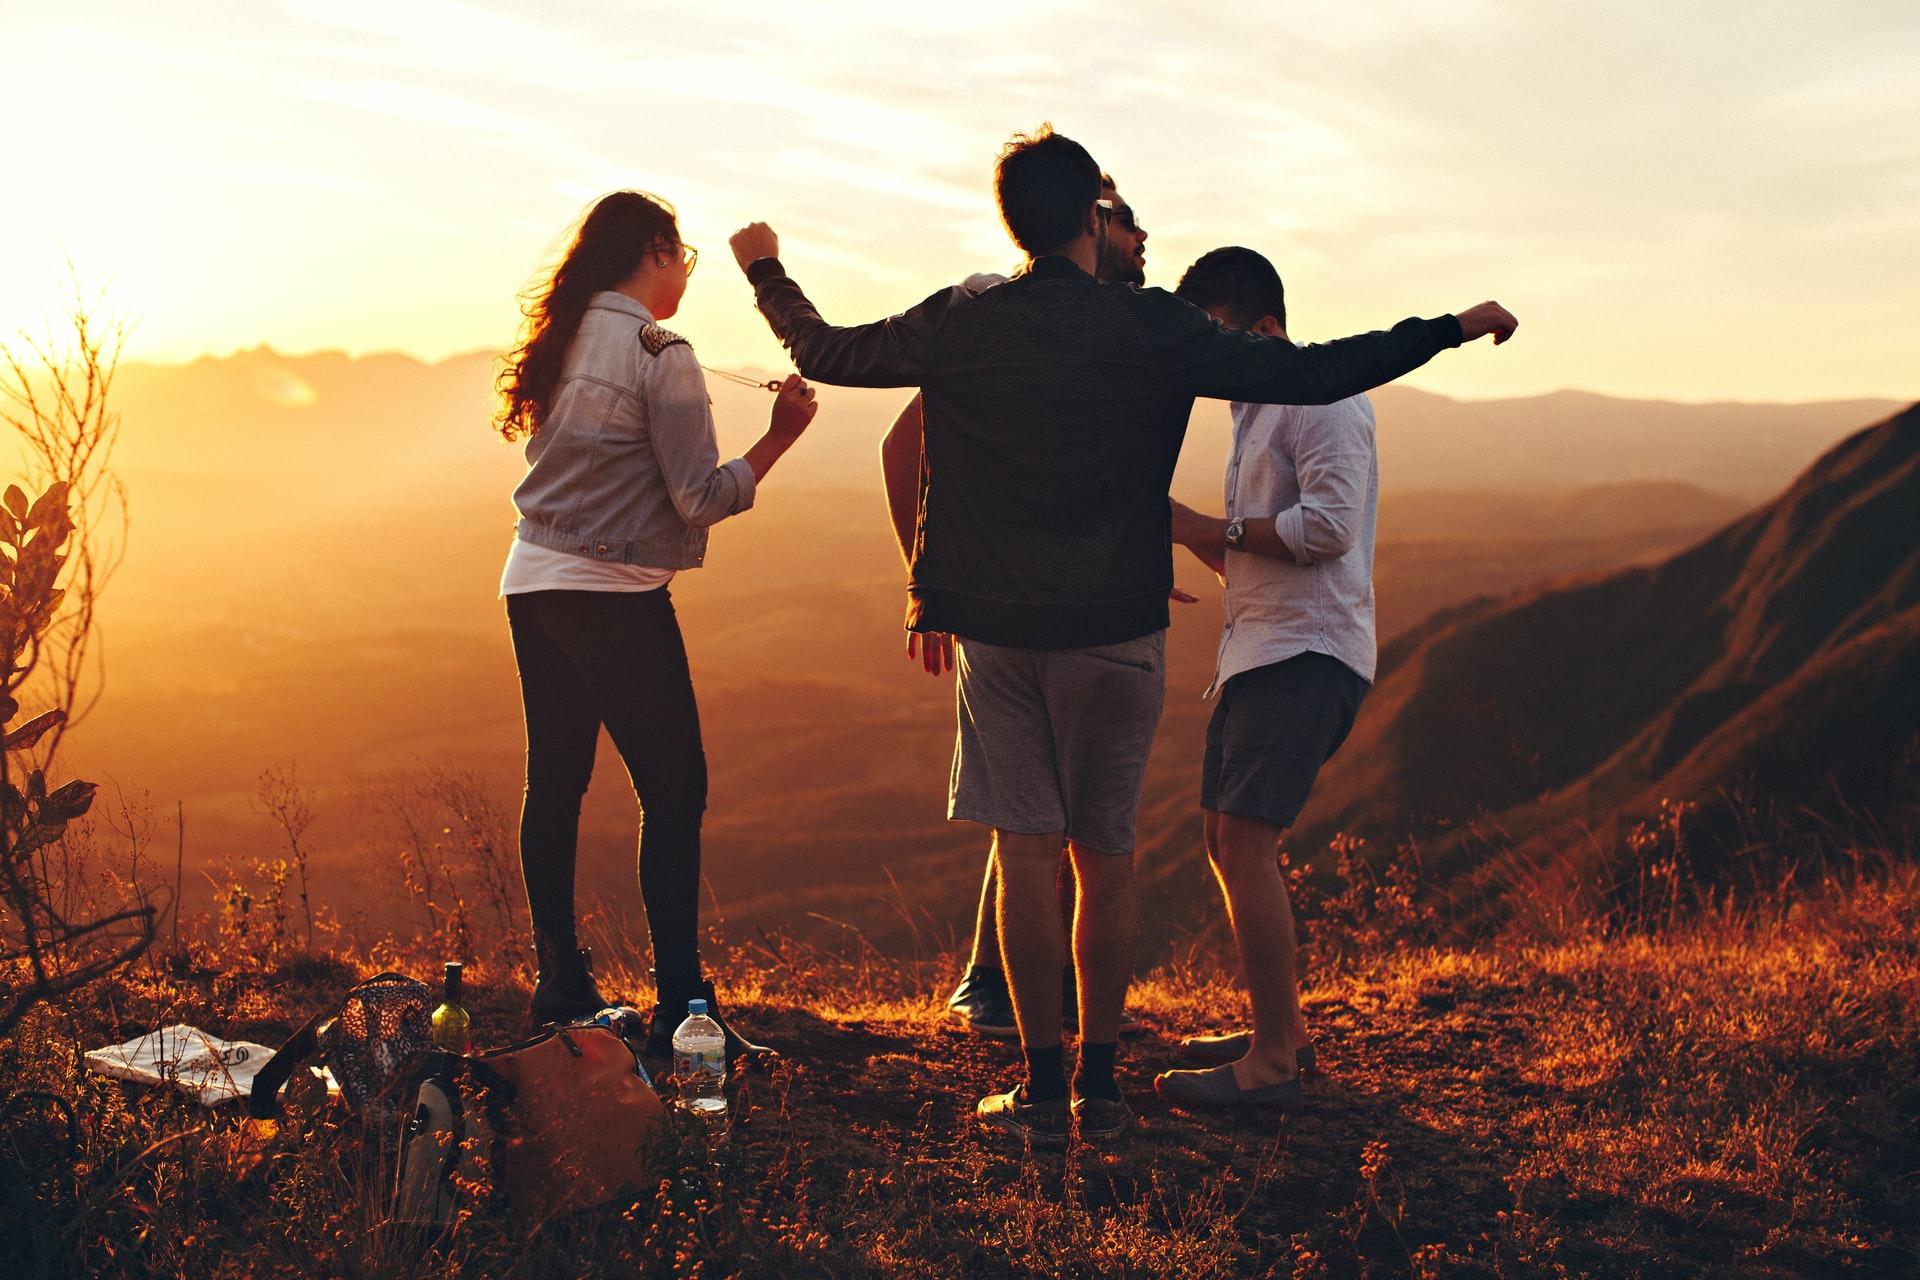 Eine Gruppe von Personen tanzt bei Sonnenuntergang